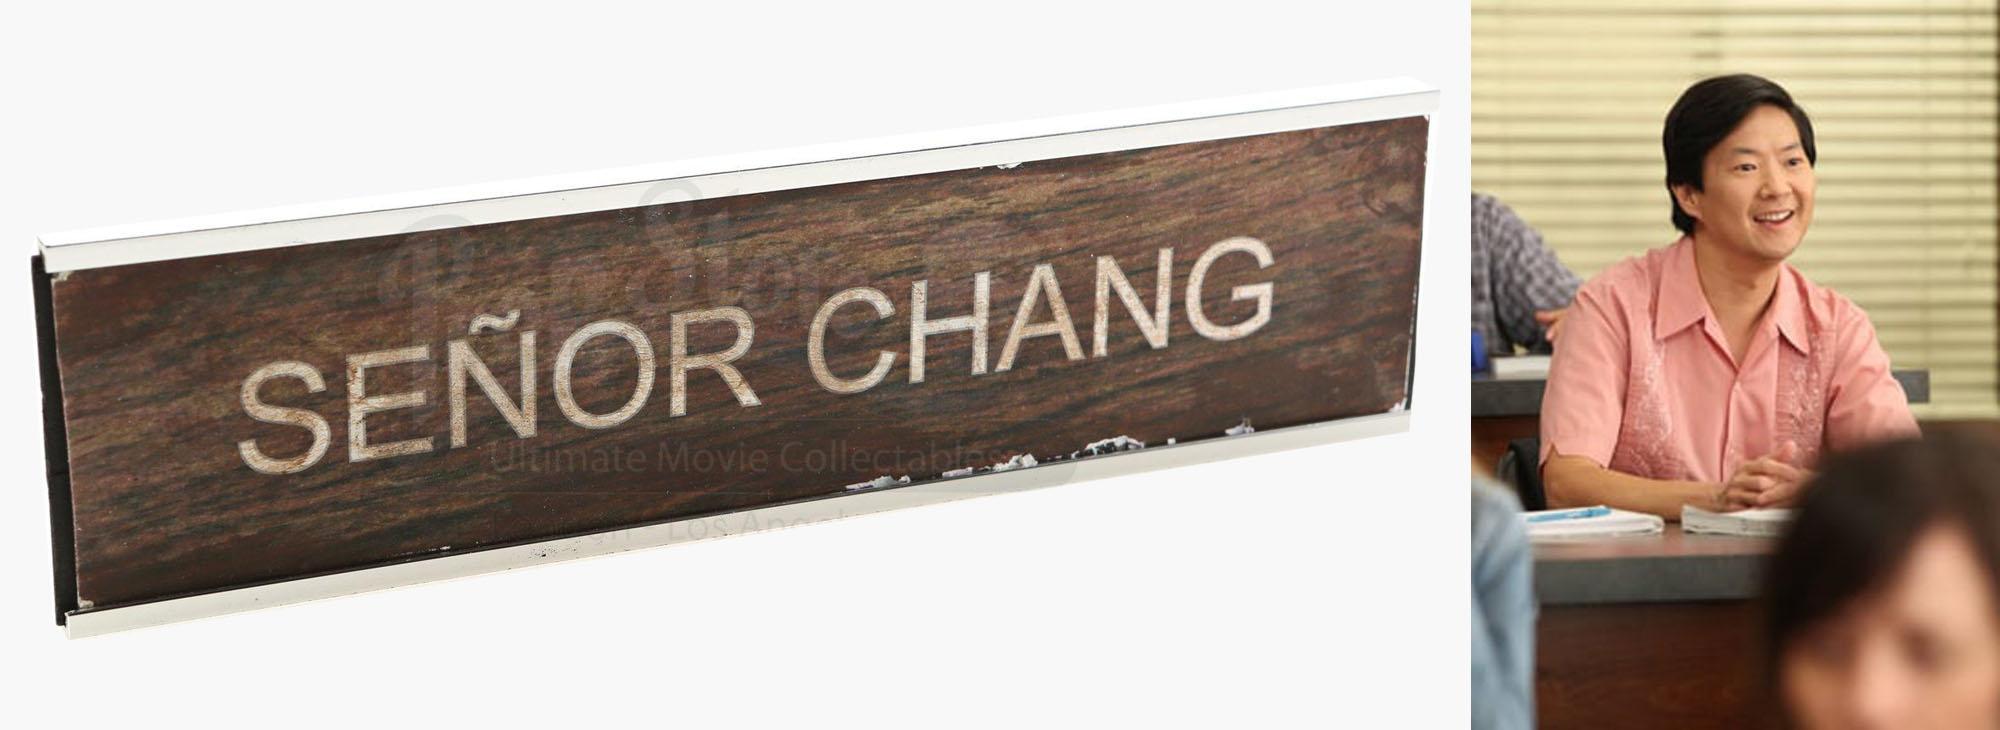 Ben Chang's (Ken Jeong) Name Plaque